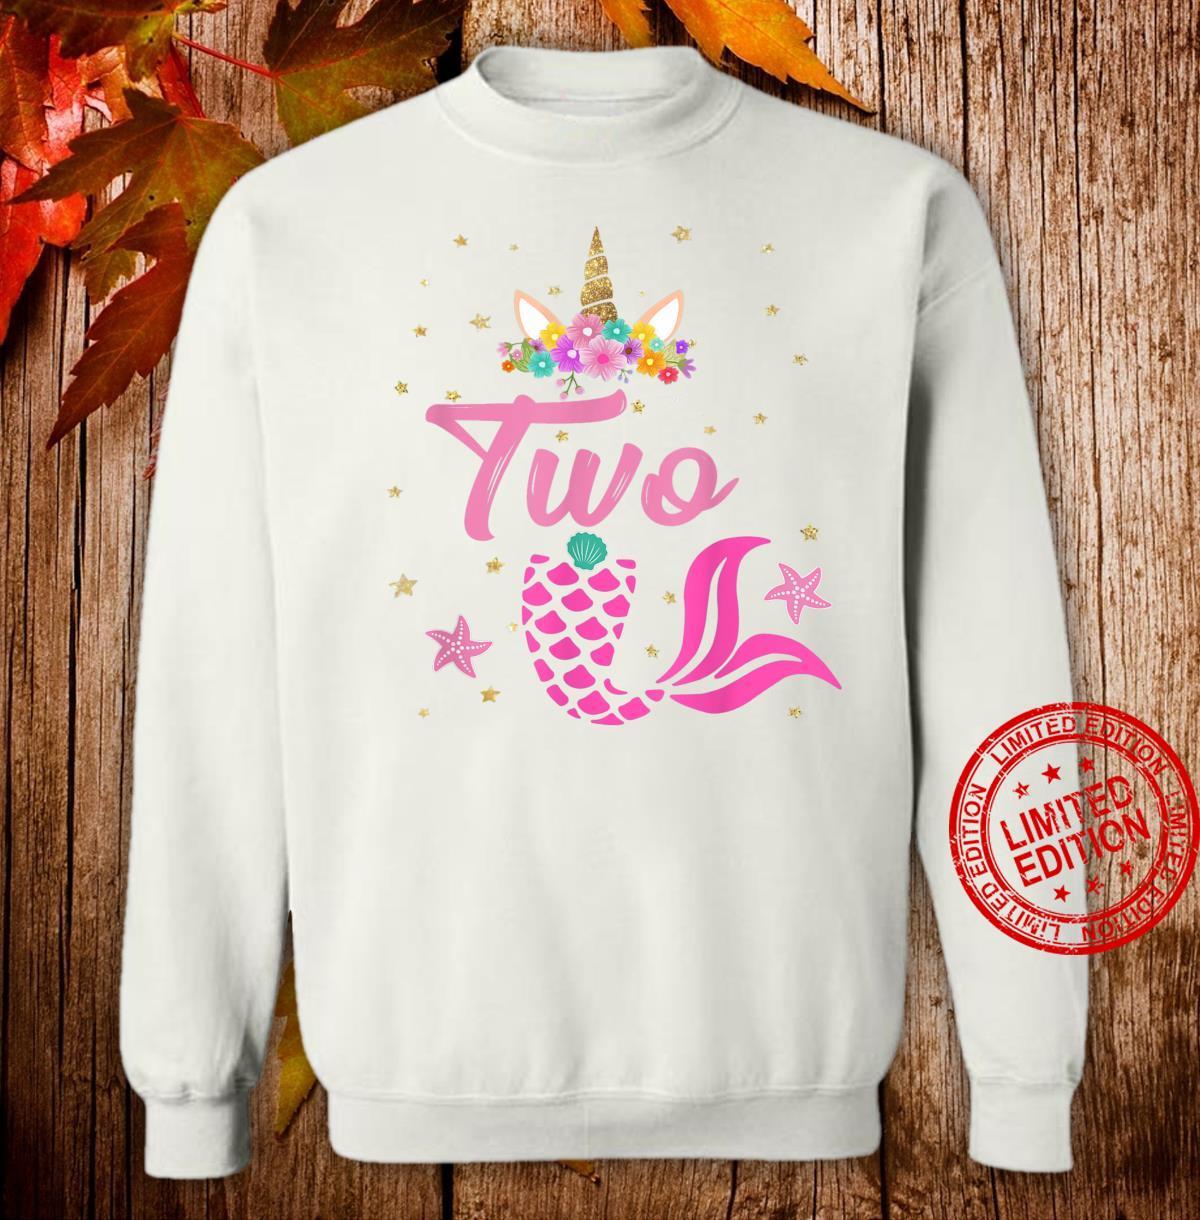 2nd Birthday Girl Unicorn Shirt Mermaid Tail 12 Years Old Shirt sweater